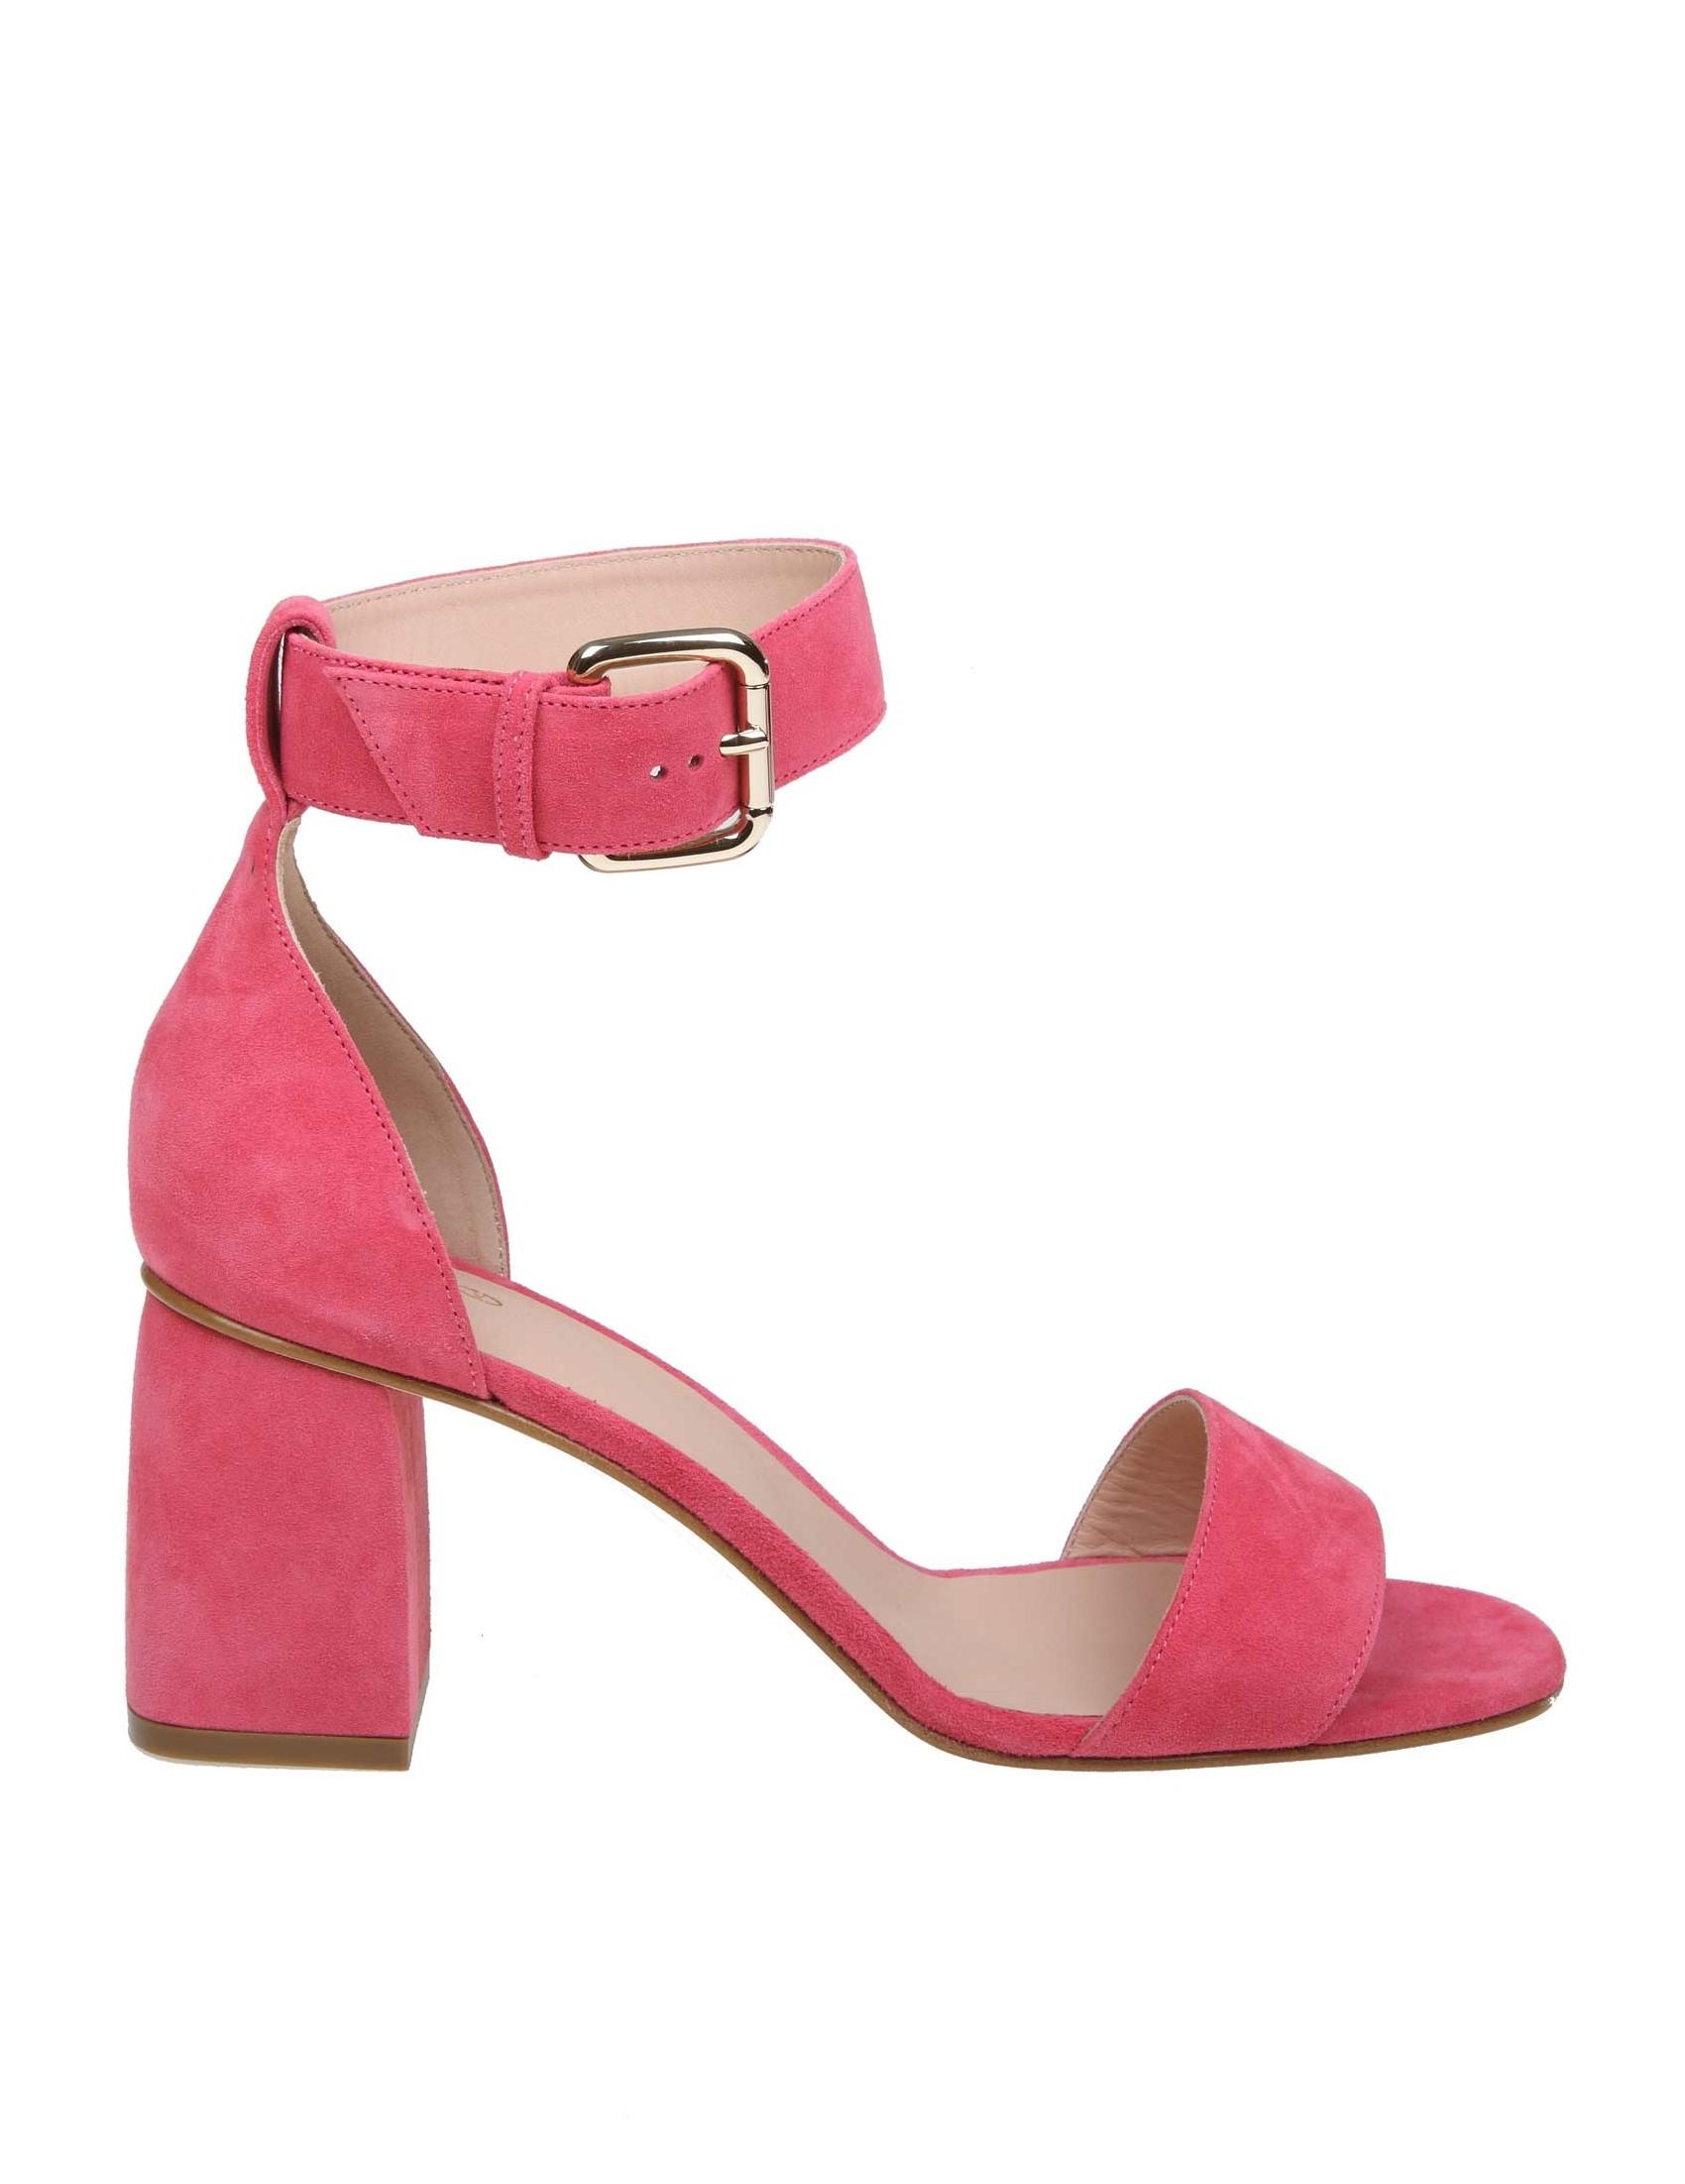 Fucsia Colore Red Camoscio Valentino Sandalo In qUzSVpGM